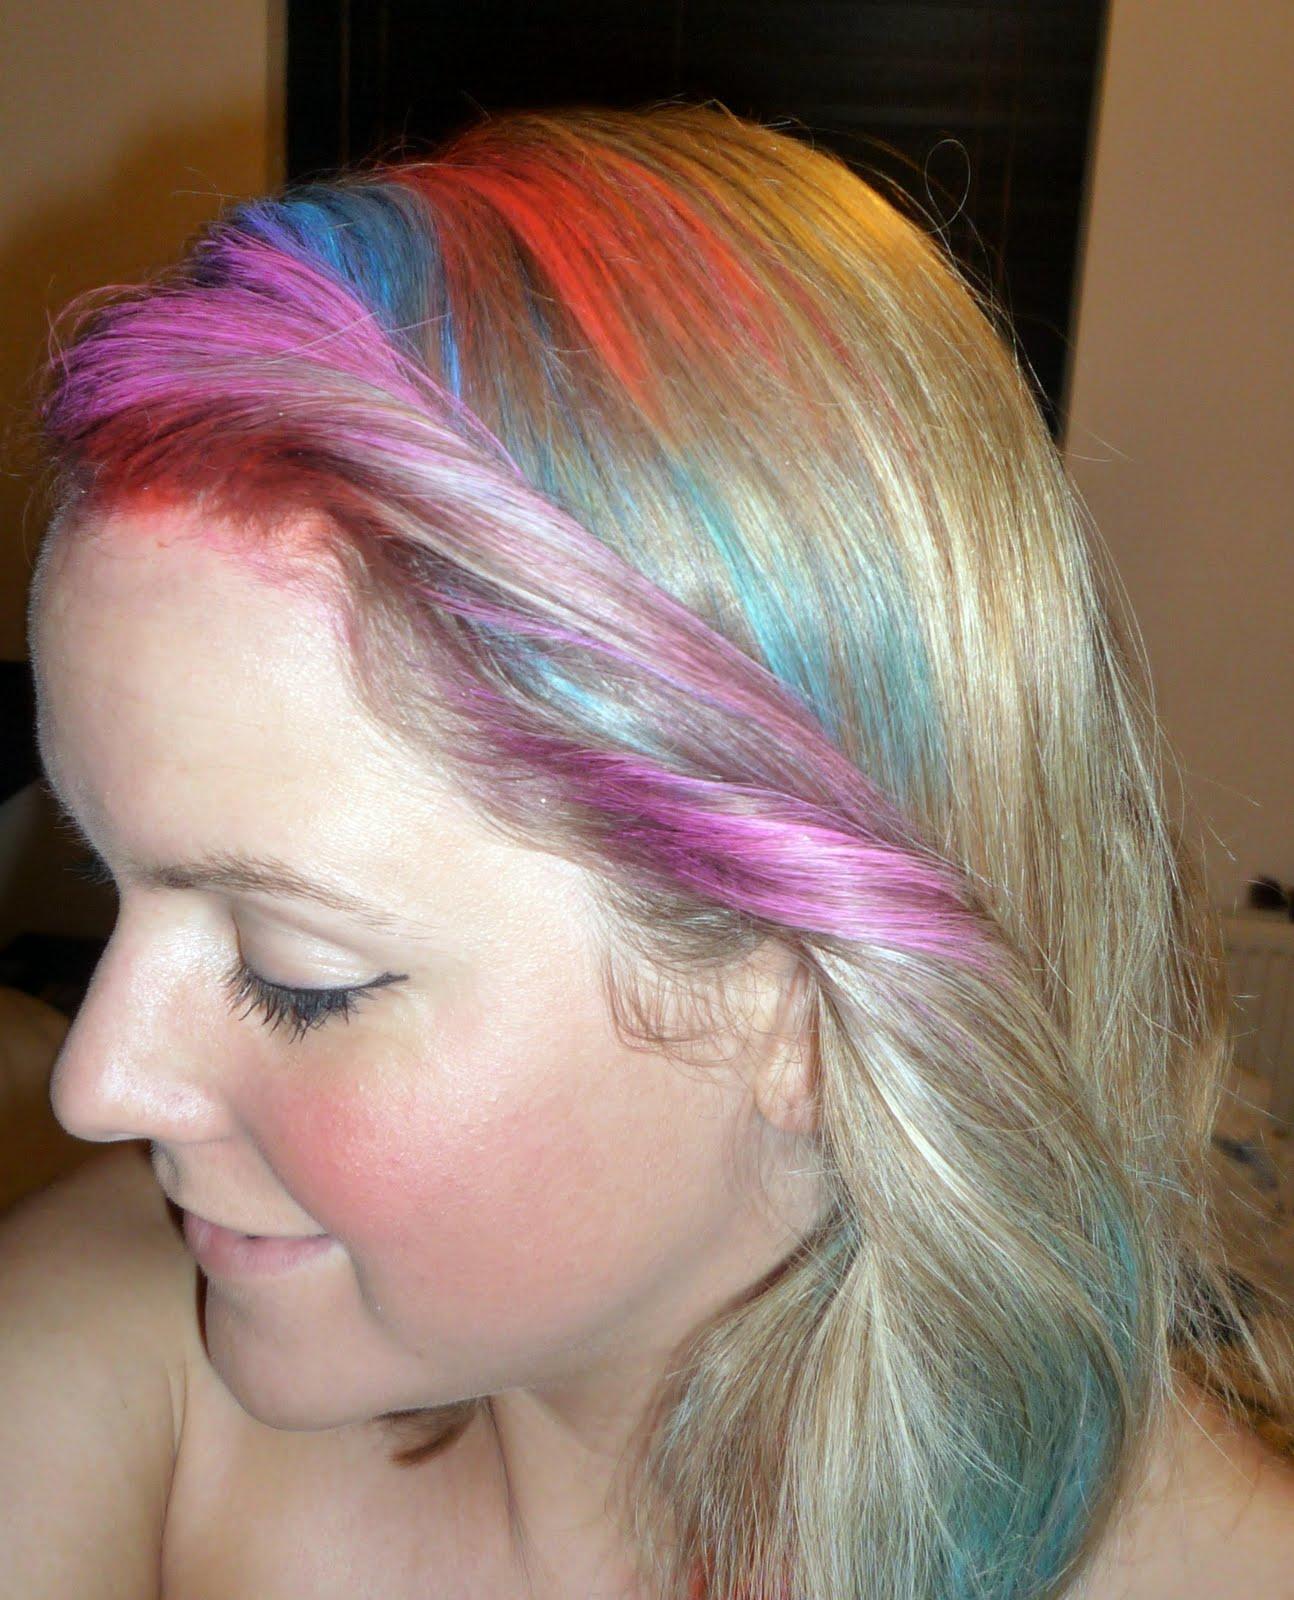 http://4.bp.blogspot.com/-RSxx6DDM2BA/TlYdd3k4rlI/AAAAAAAABgk/cW2FtHzJXCg/s1600/pastel.jpg